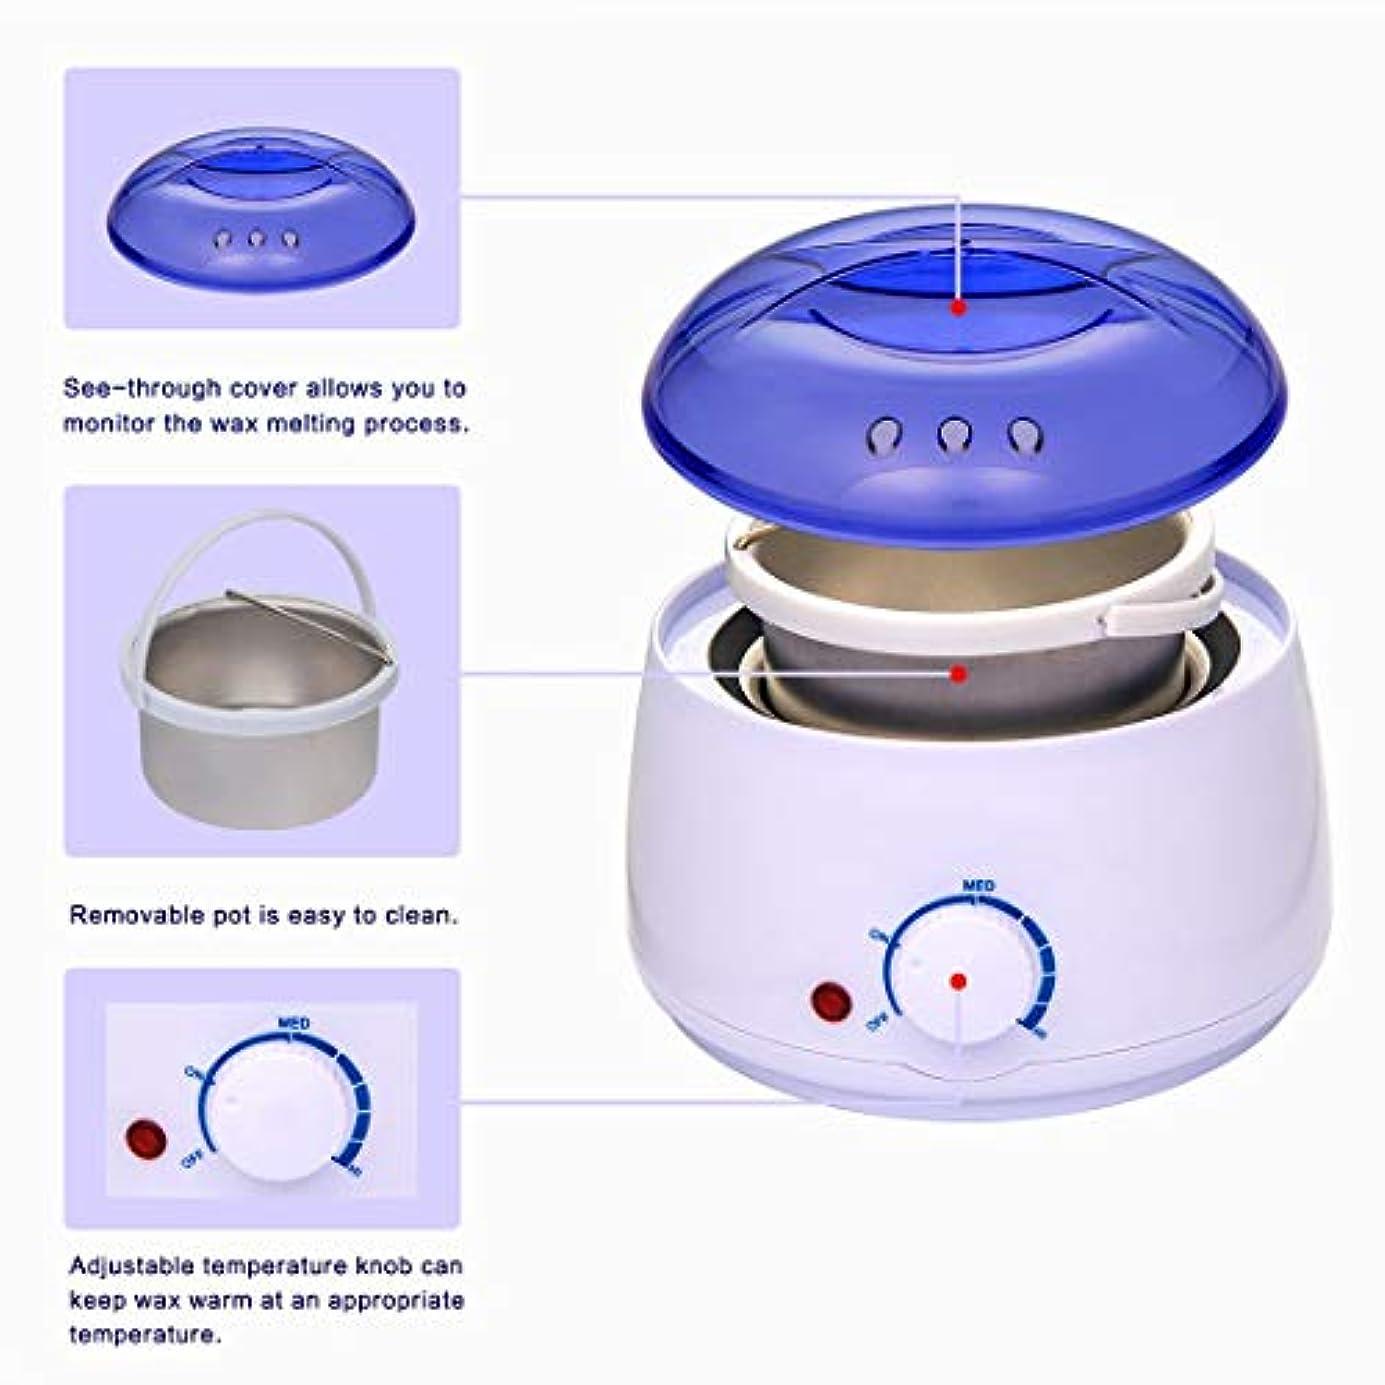 期限切れチーター正気4つのフレーバーハードワックス豆(100G /袋)とワックスウォーマー、ワックスヒーター、脱毛ワックスがけキットエレクトリックワックス暖房機の温度調節可能なワックスメルター、